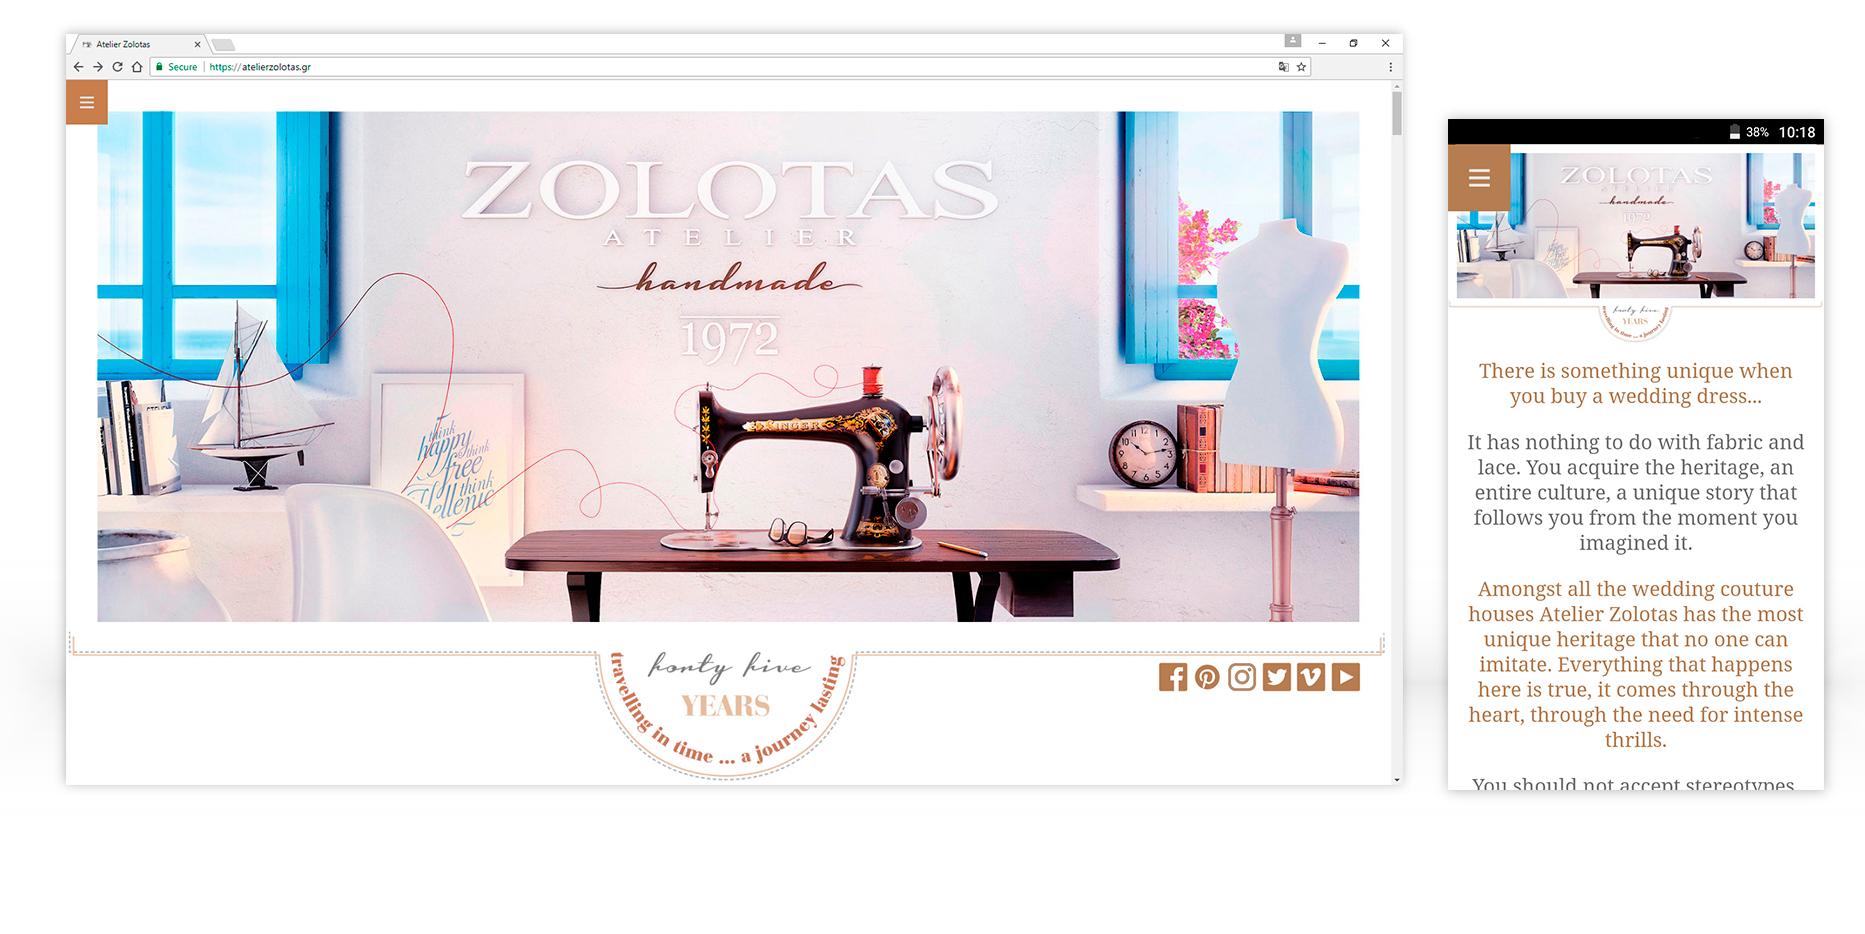 Σχεδιασμός ιστοσελίδας atelier Zolotas • adeadpixel